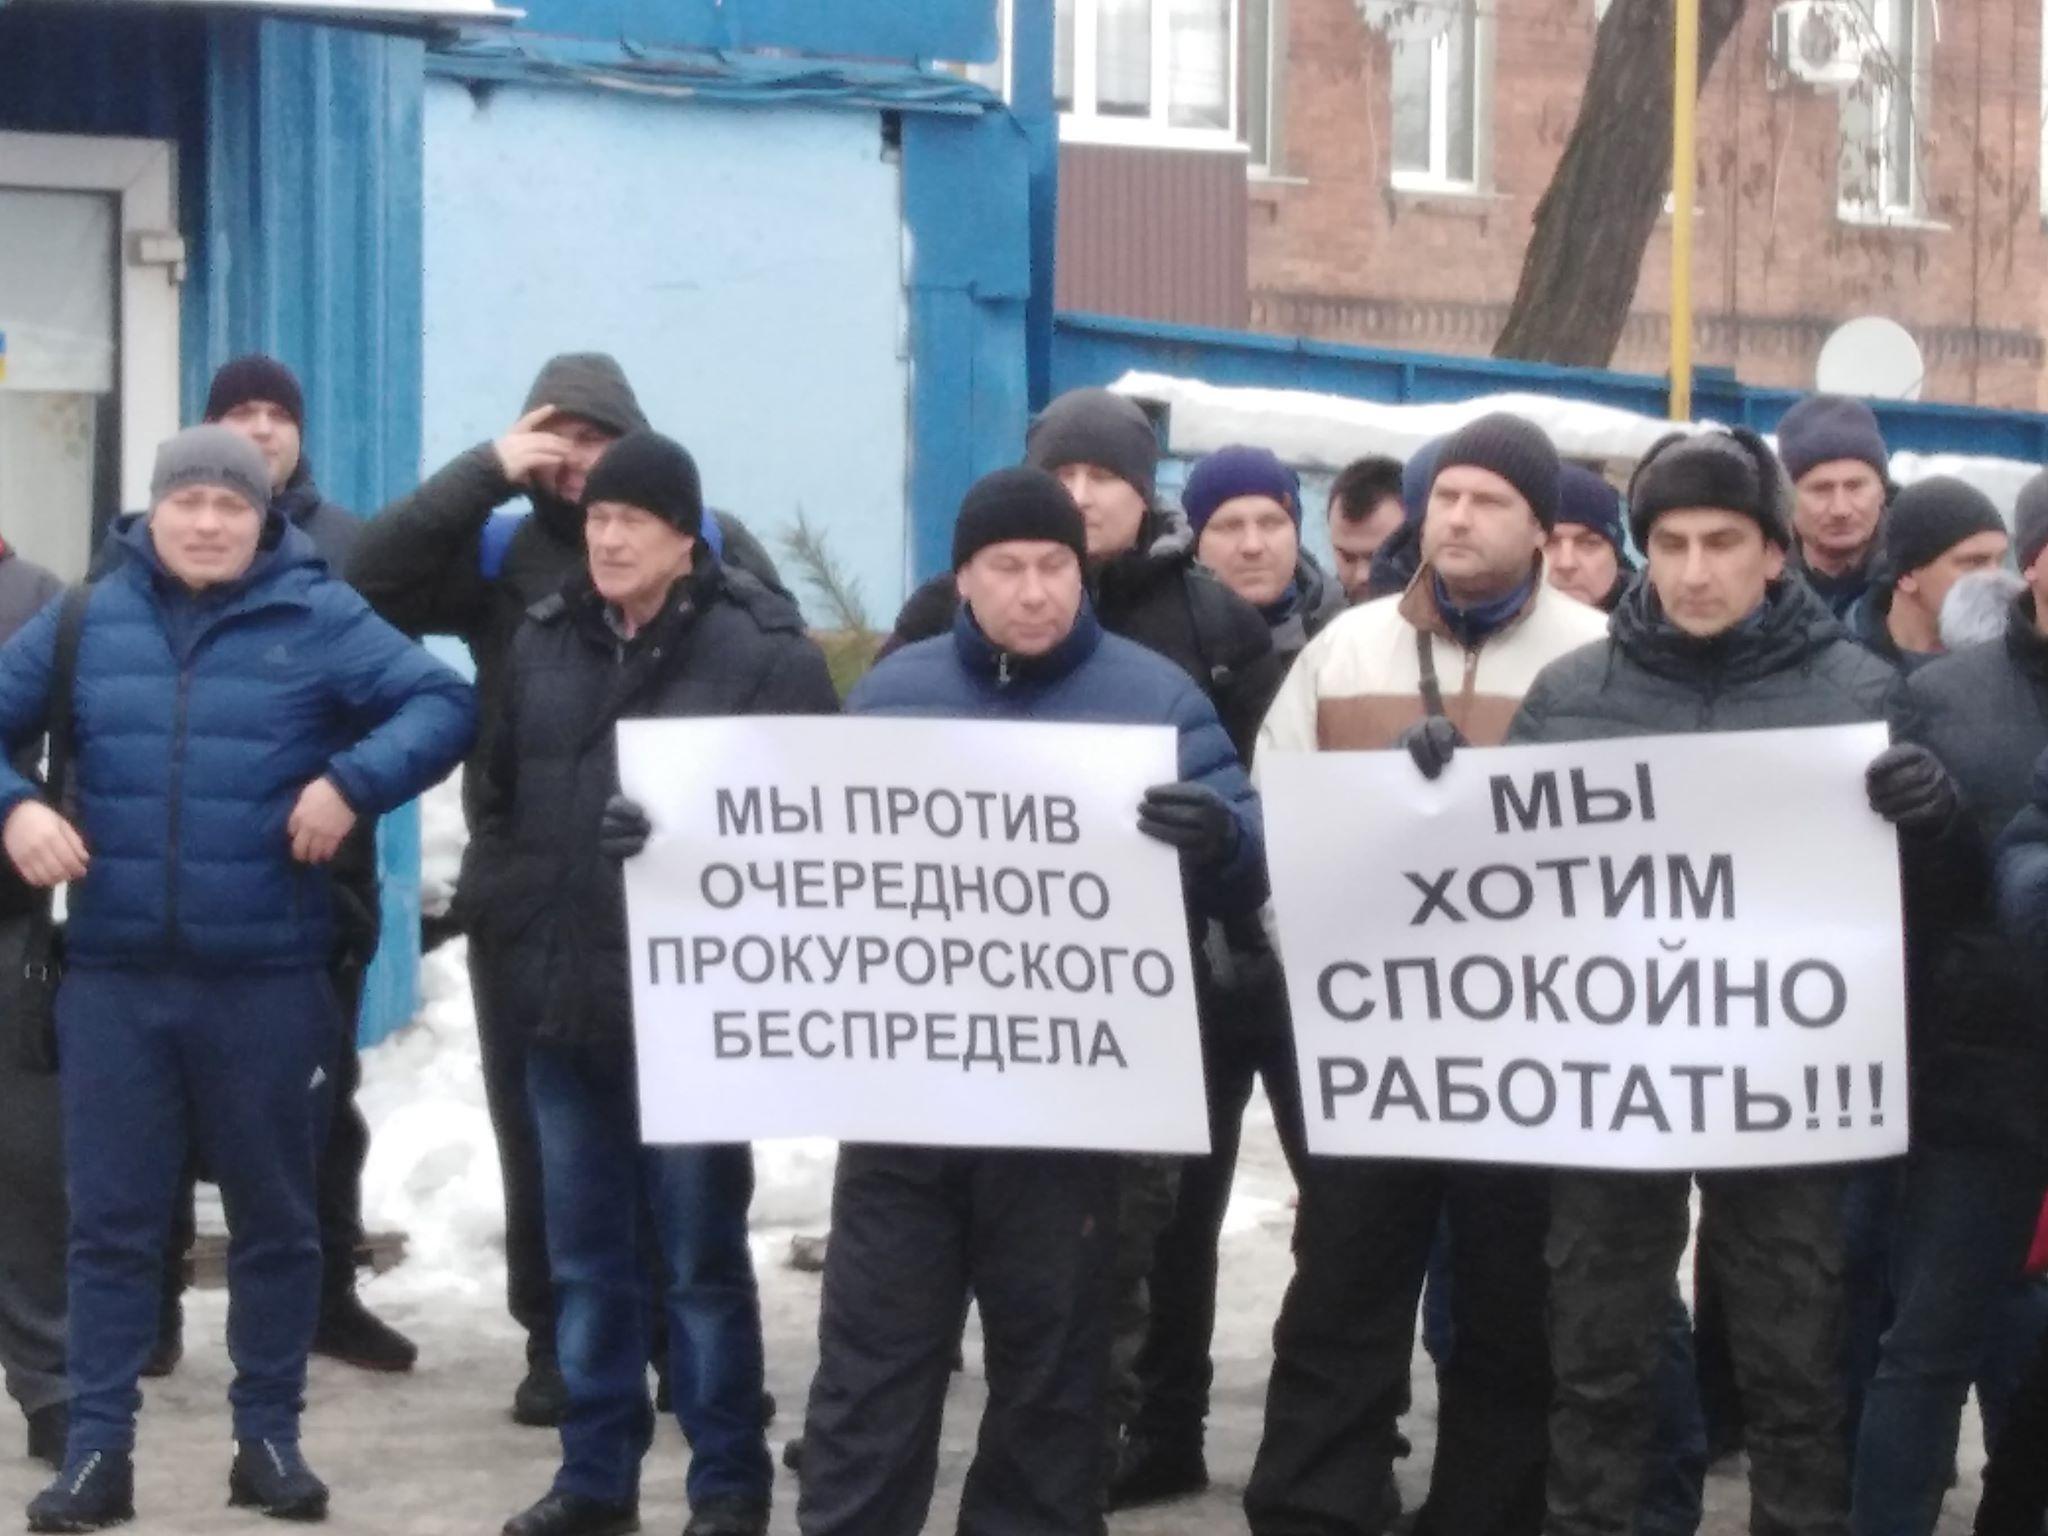 На Харьковском предприятии проводят обыск (фото)